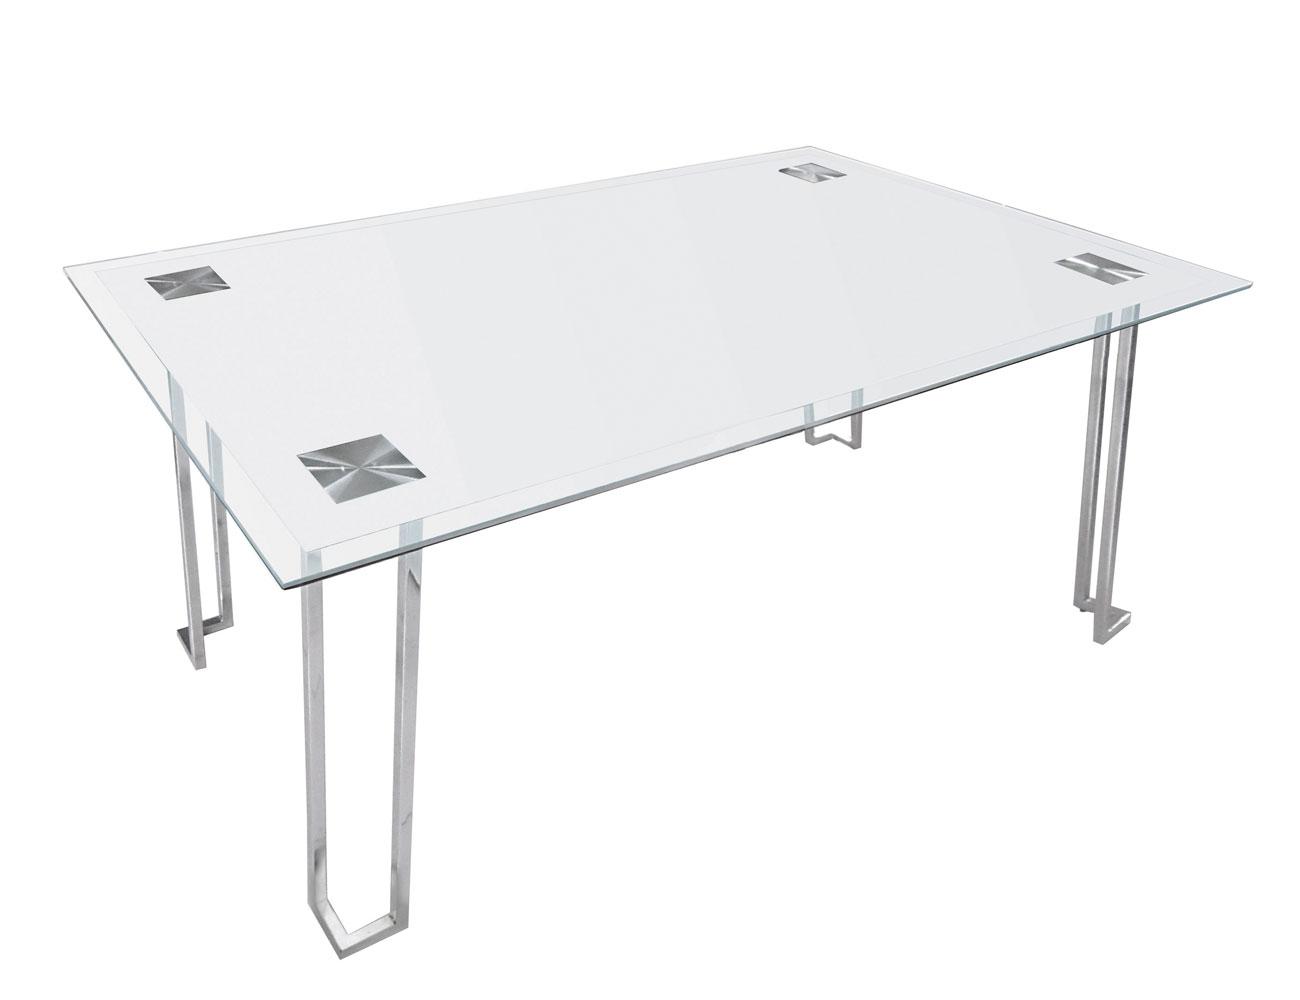 Mesa comedor cristal templado 248 blanco